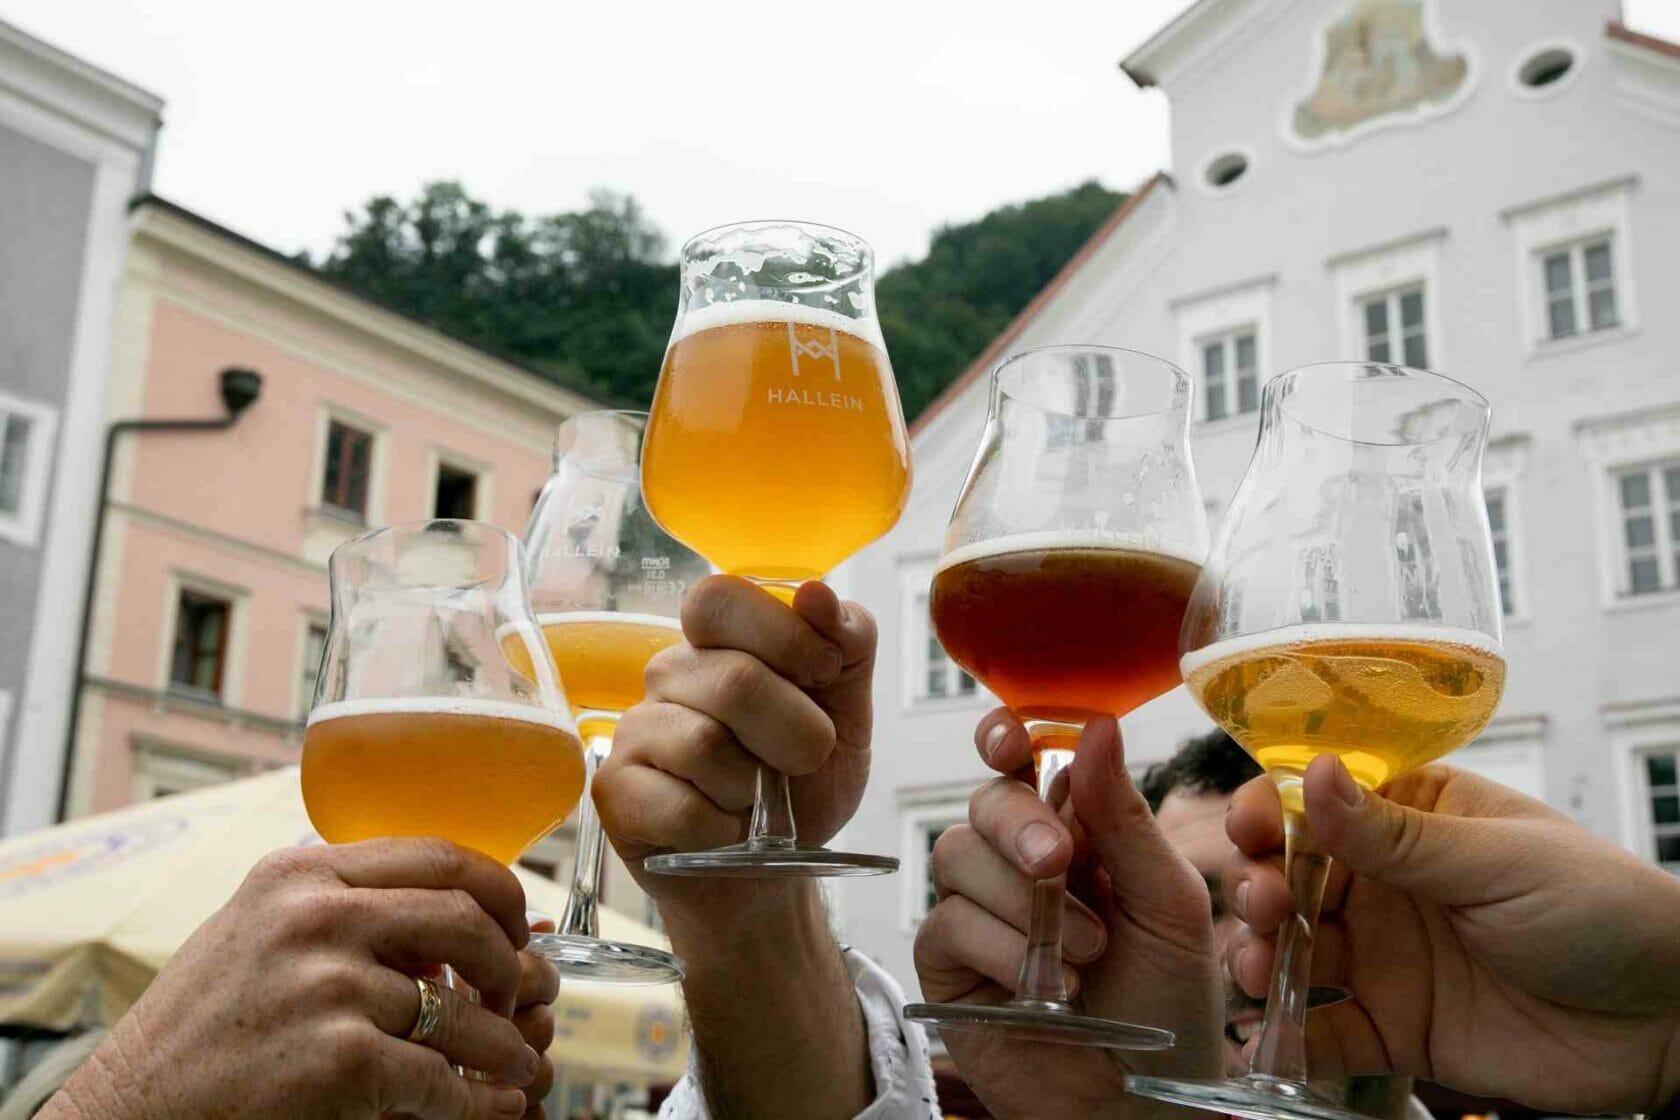 Weinverkostung in Hallein